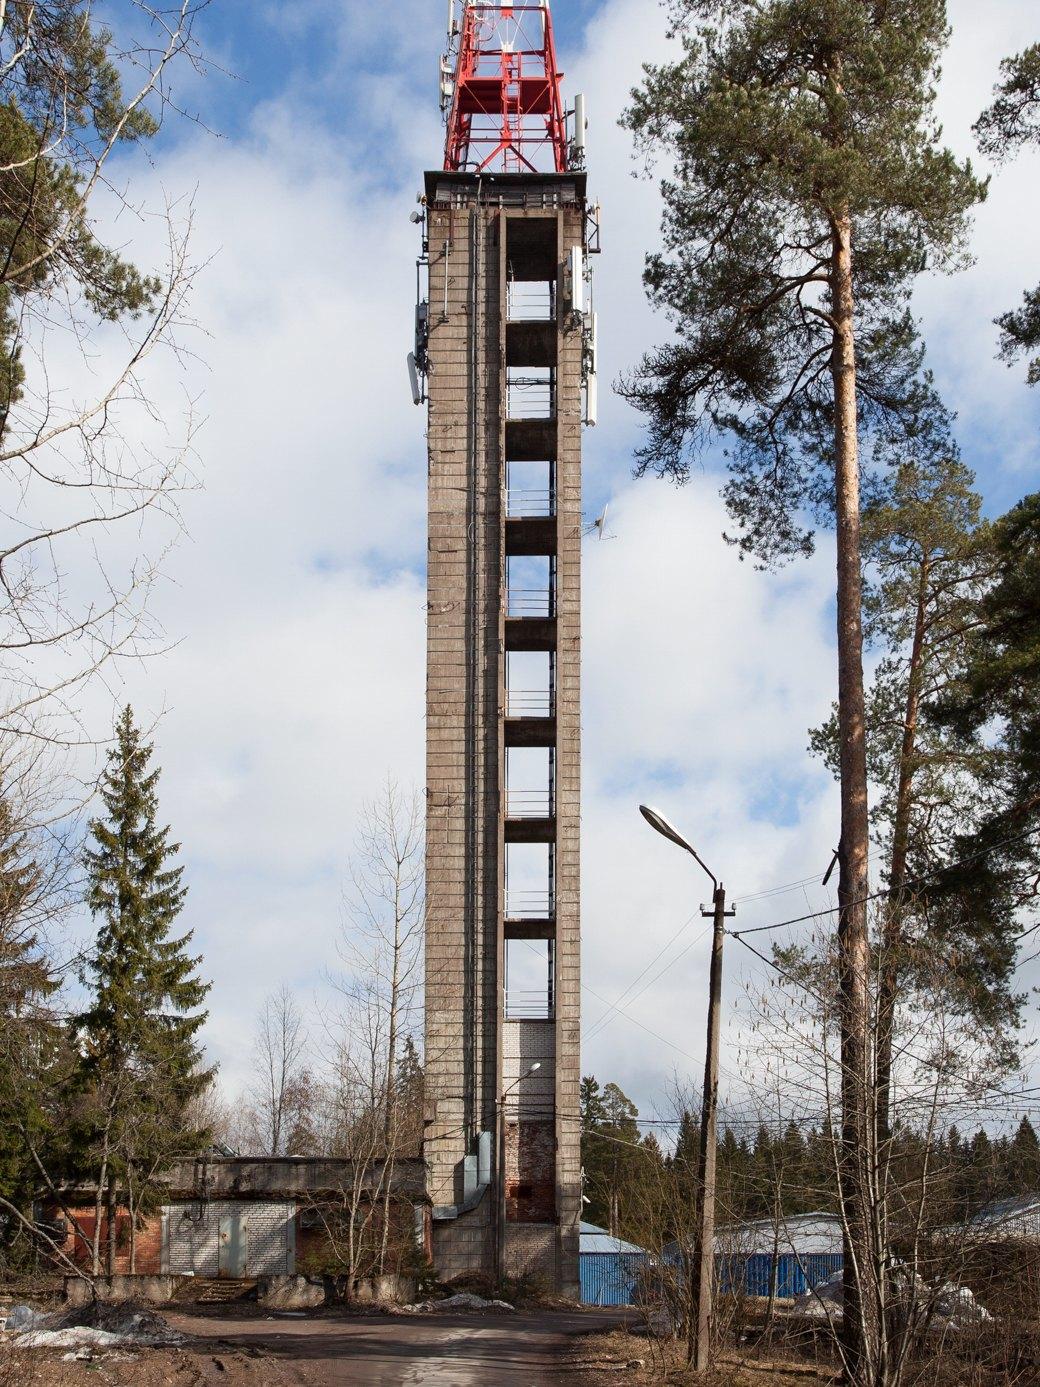 Колокольня кирхи прихода Энсо, возведённая в 1939 году. Саму церковь не достроили из-за войн. На металлической башне смонтировано оборудование сотовых операторов и телеантенны. Изображение № 30.